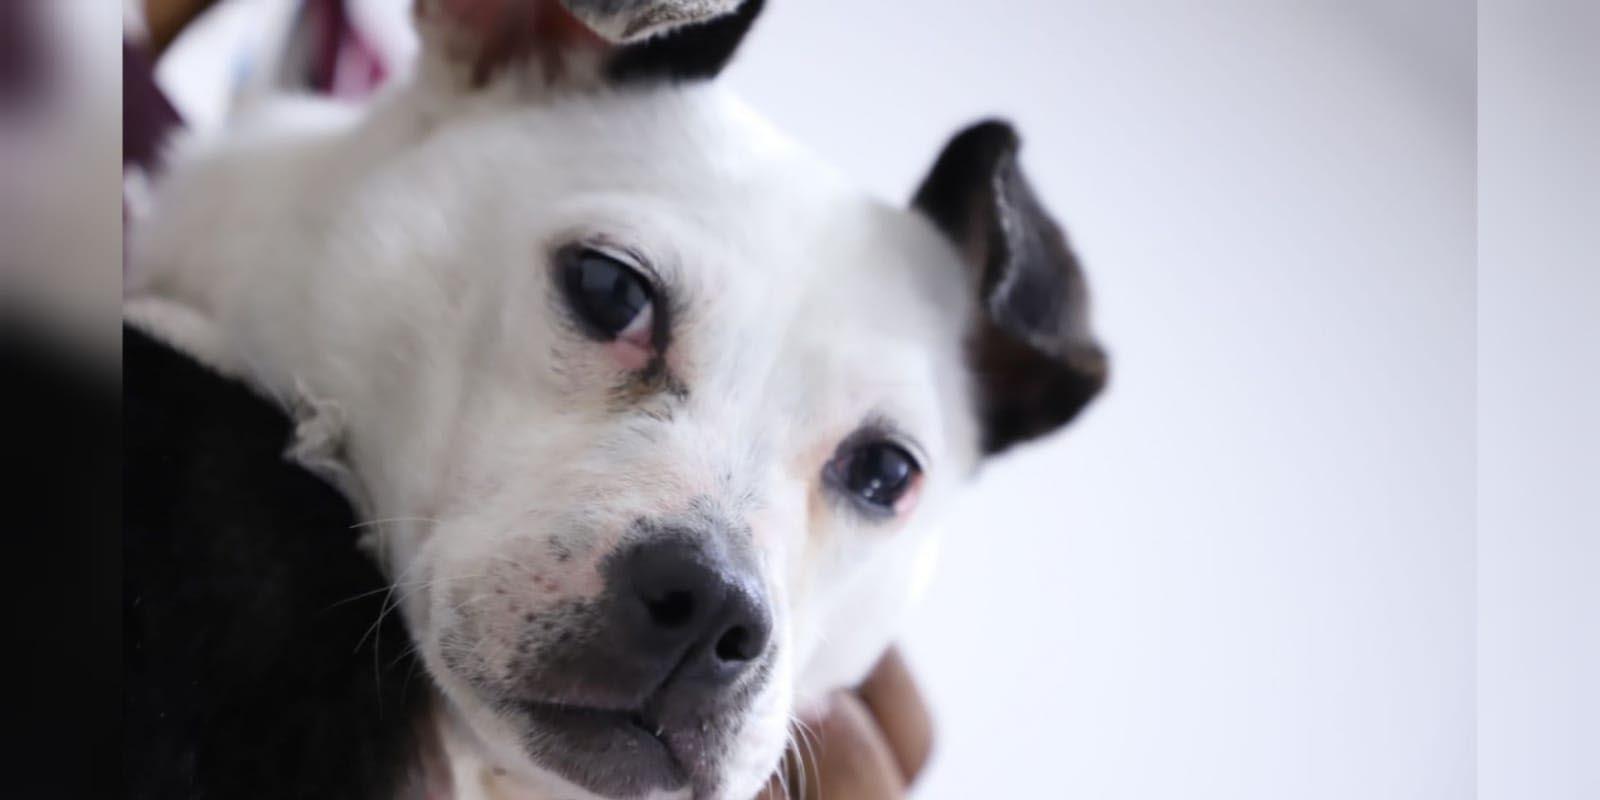 Adoptan a 'Lupita', perrita hallada con el cuello cortado en Ecatepec | El Imparcial de Oaxaca